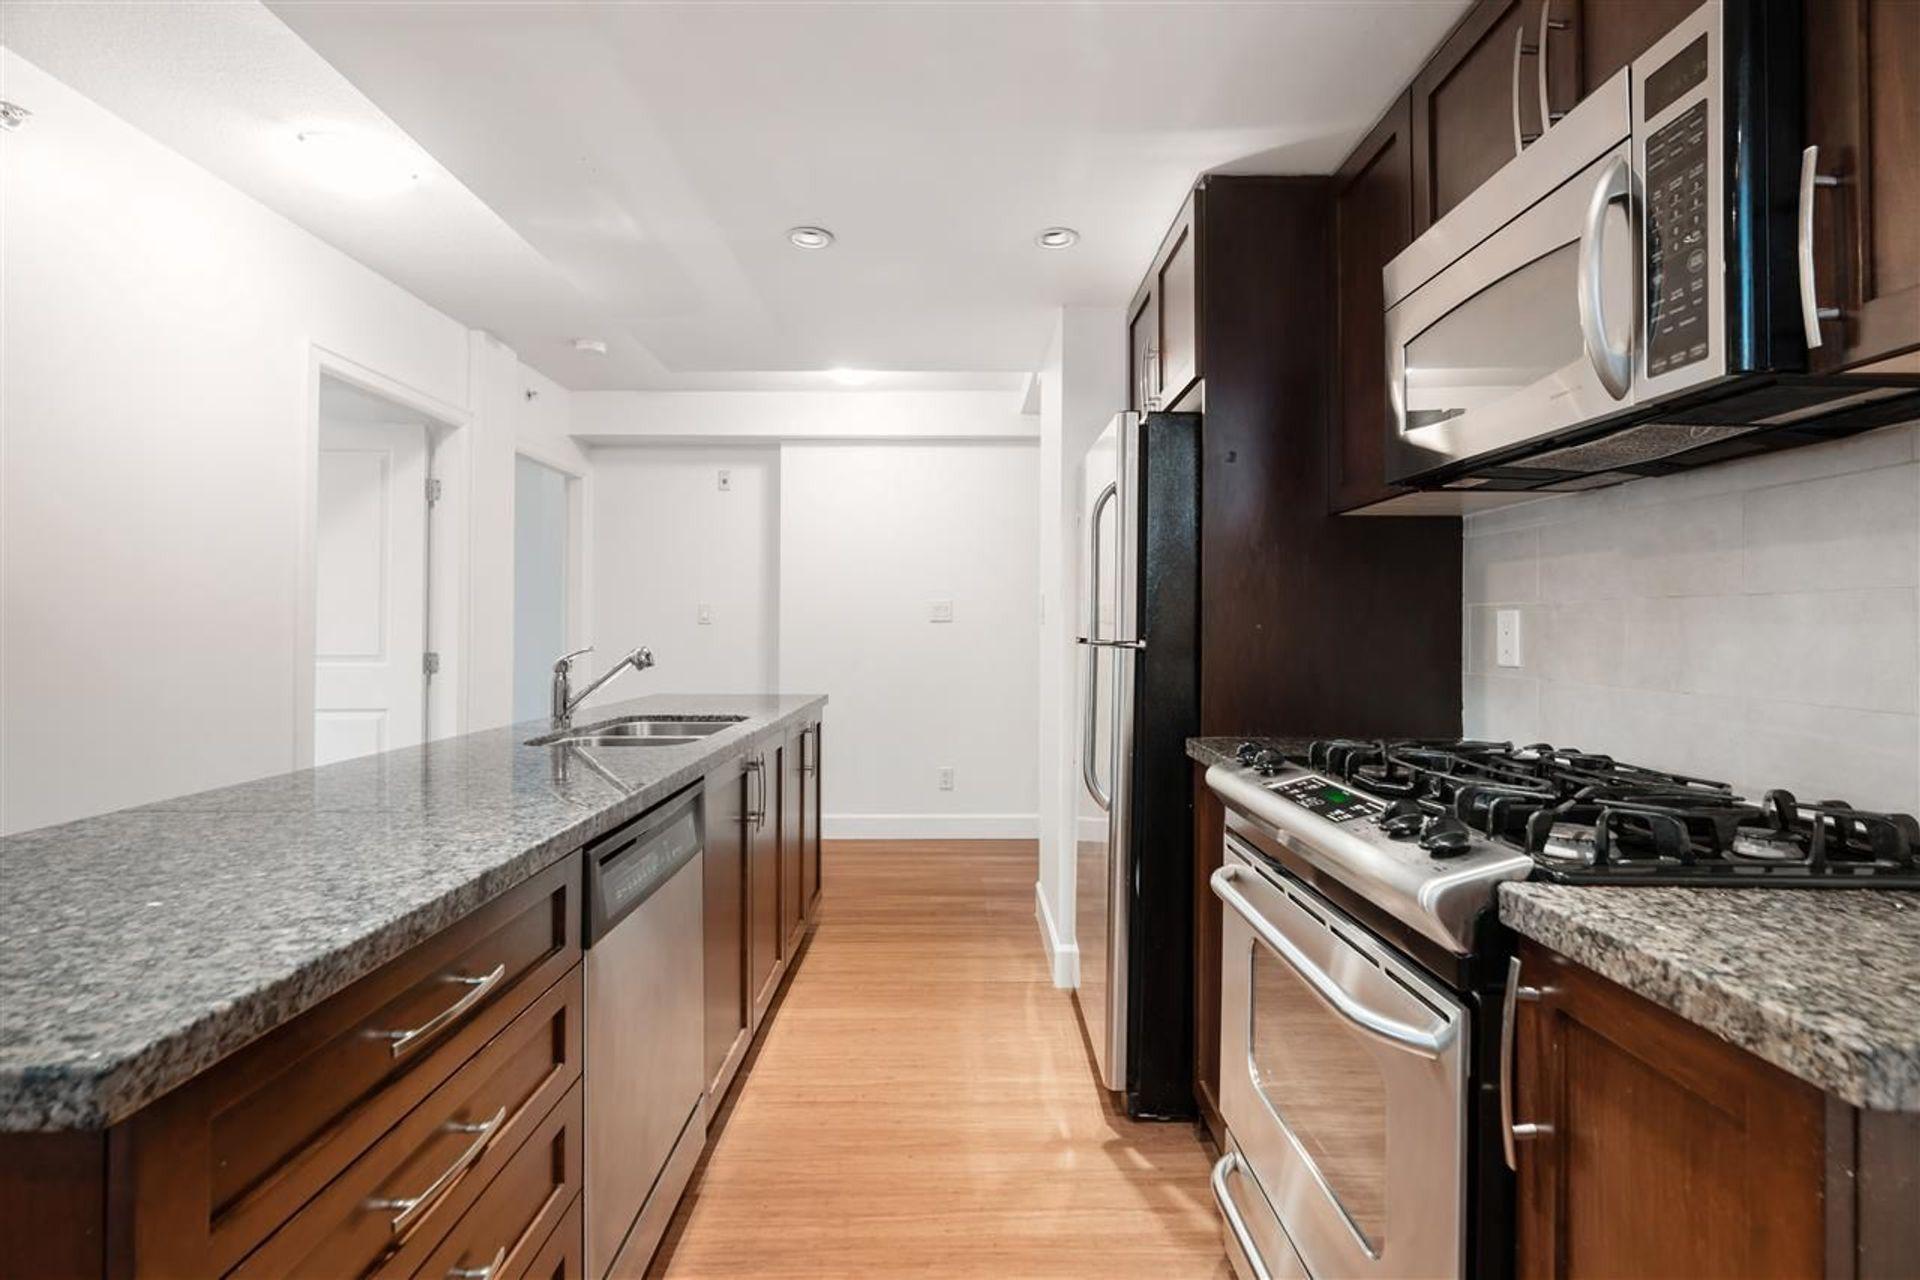 3811-hastings-street-vancouver-heights-burnaby-north-13 at 103 - 3811 Hastings Street, Vancouver Heights, Burnaby North